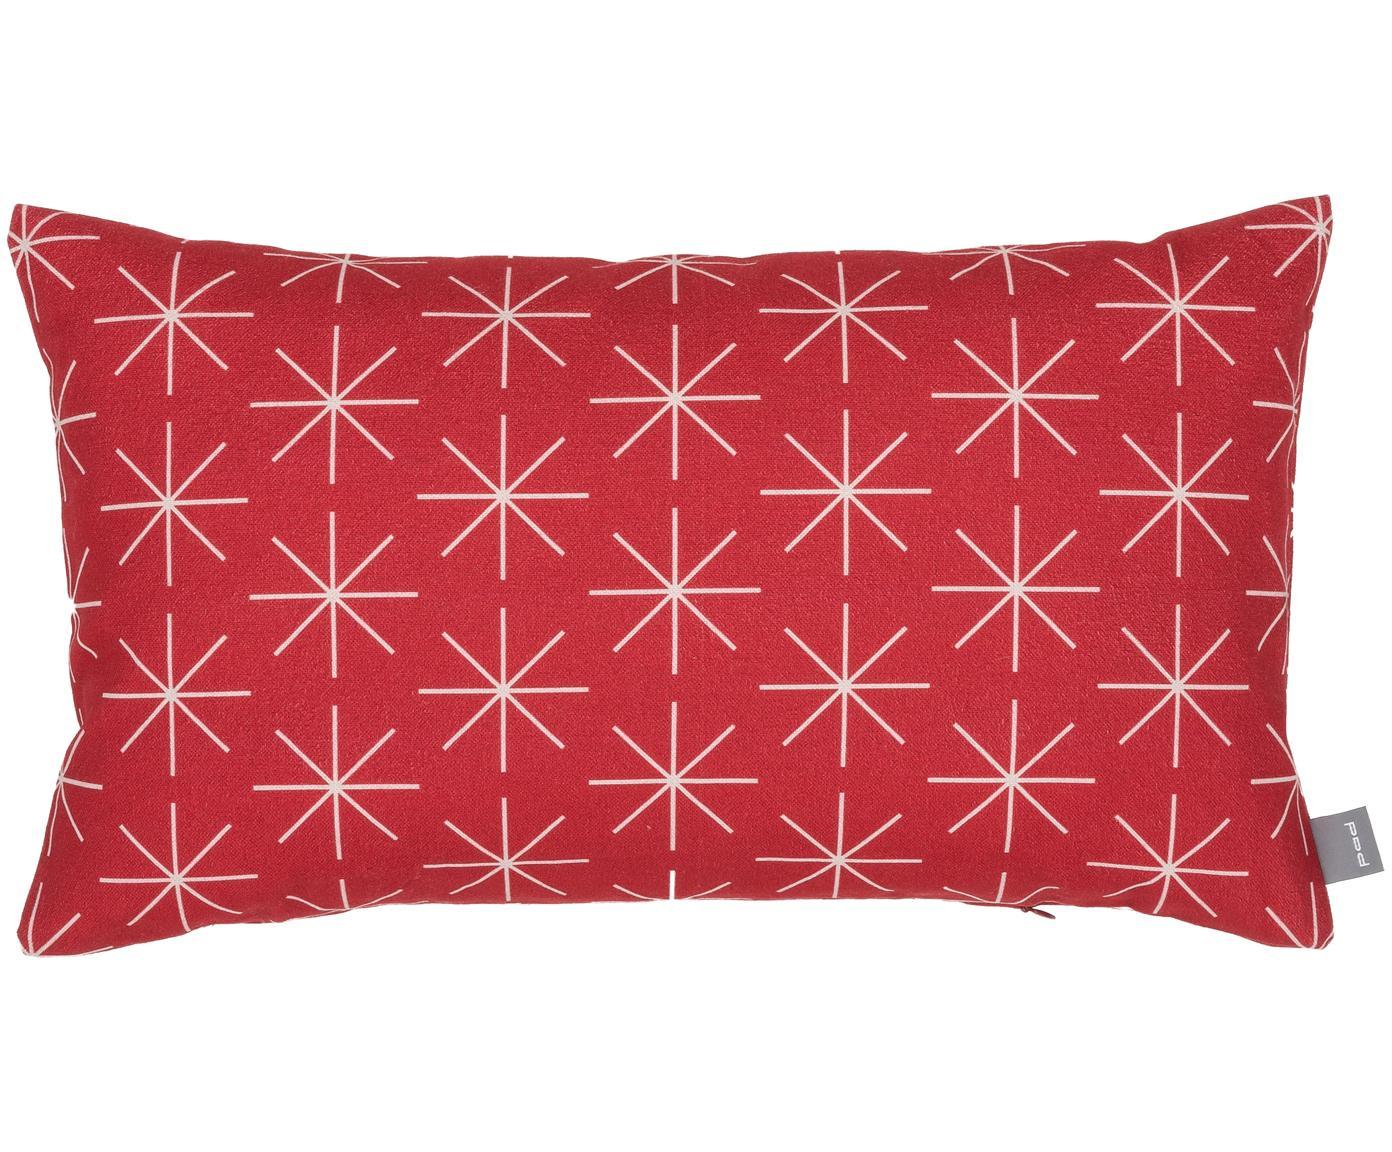 Kissenhülle Stella in Rot/Weiß, Baumwolle, Rot, gebrochenes Weiß, 30 x 50 cm